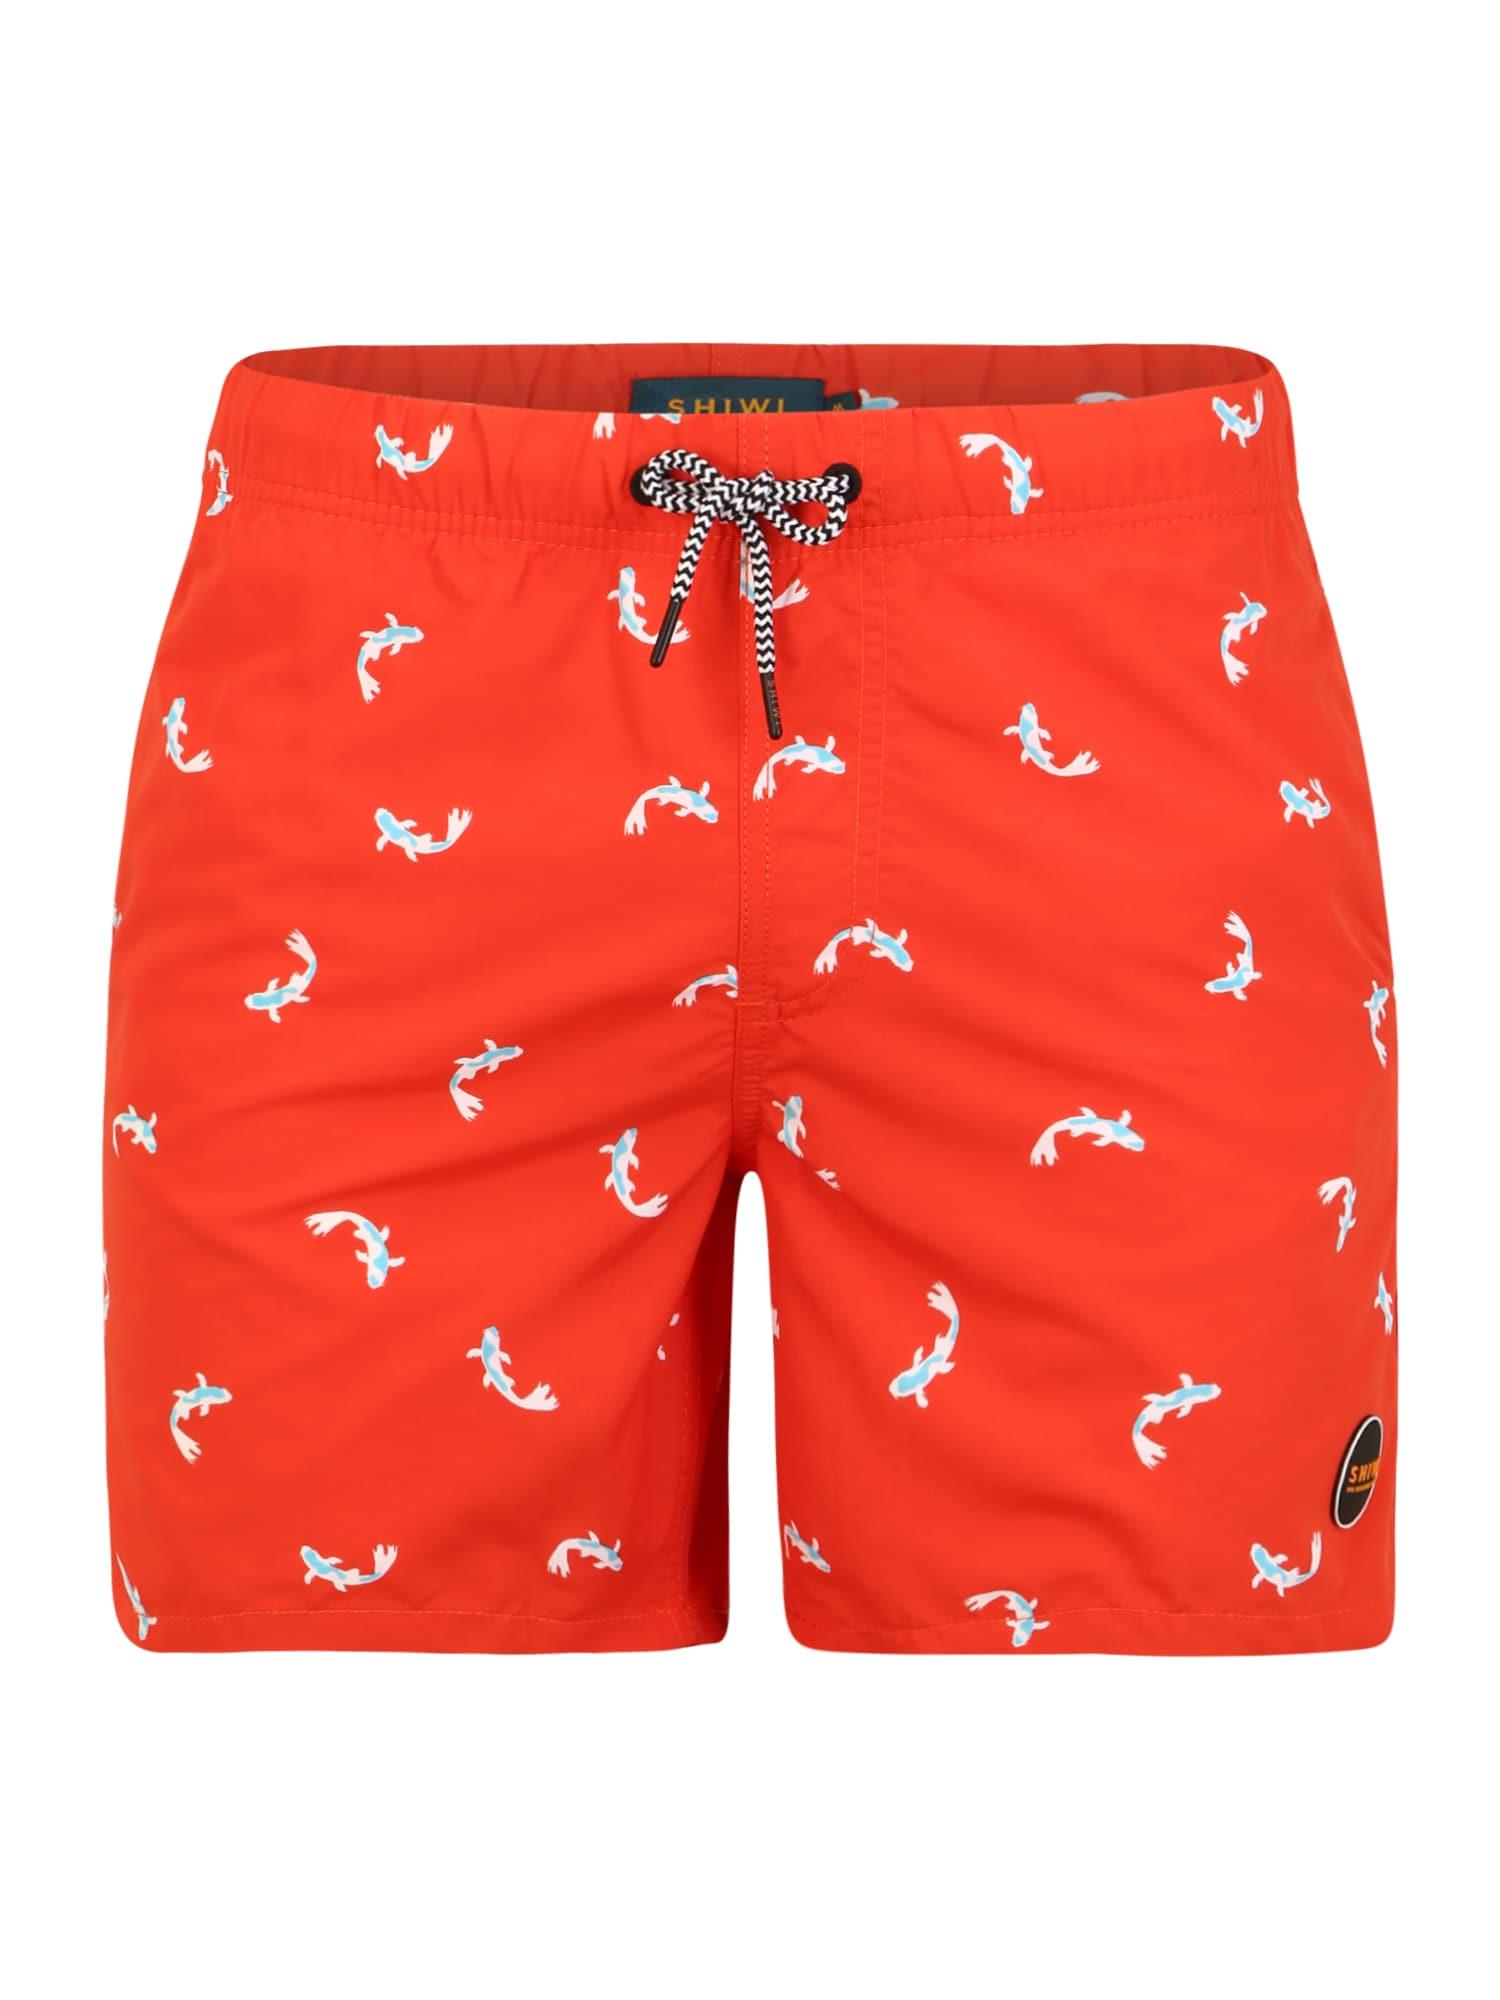 Shiwi Plavecké šortky 'Koi'  červené